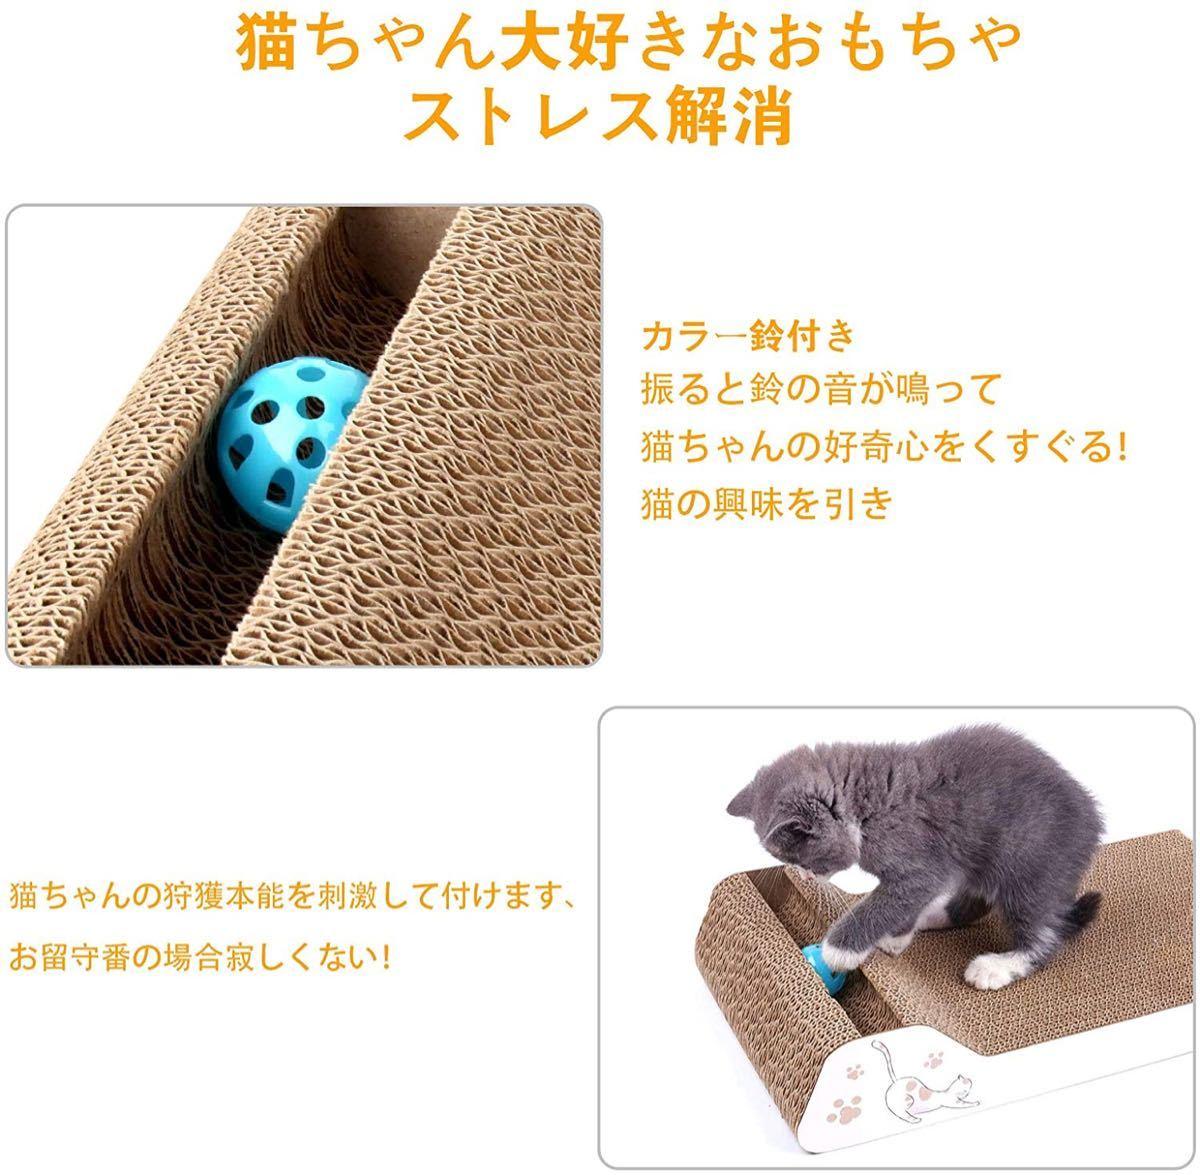 猫 爪とぎ ダンボール高密度 頑丈 省スペース清潔ストレス発散 スクラッチボード